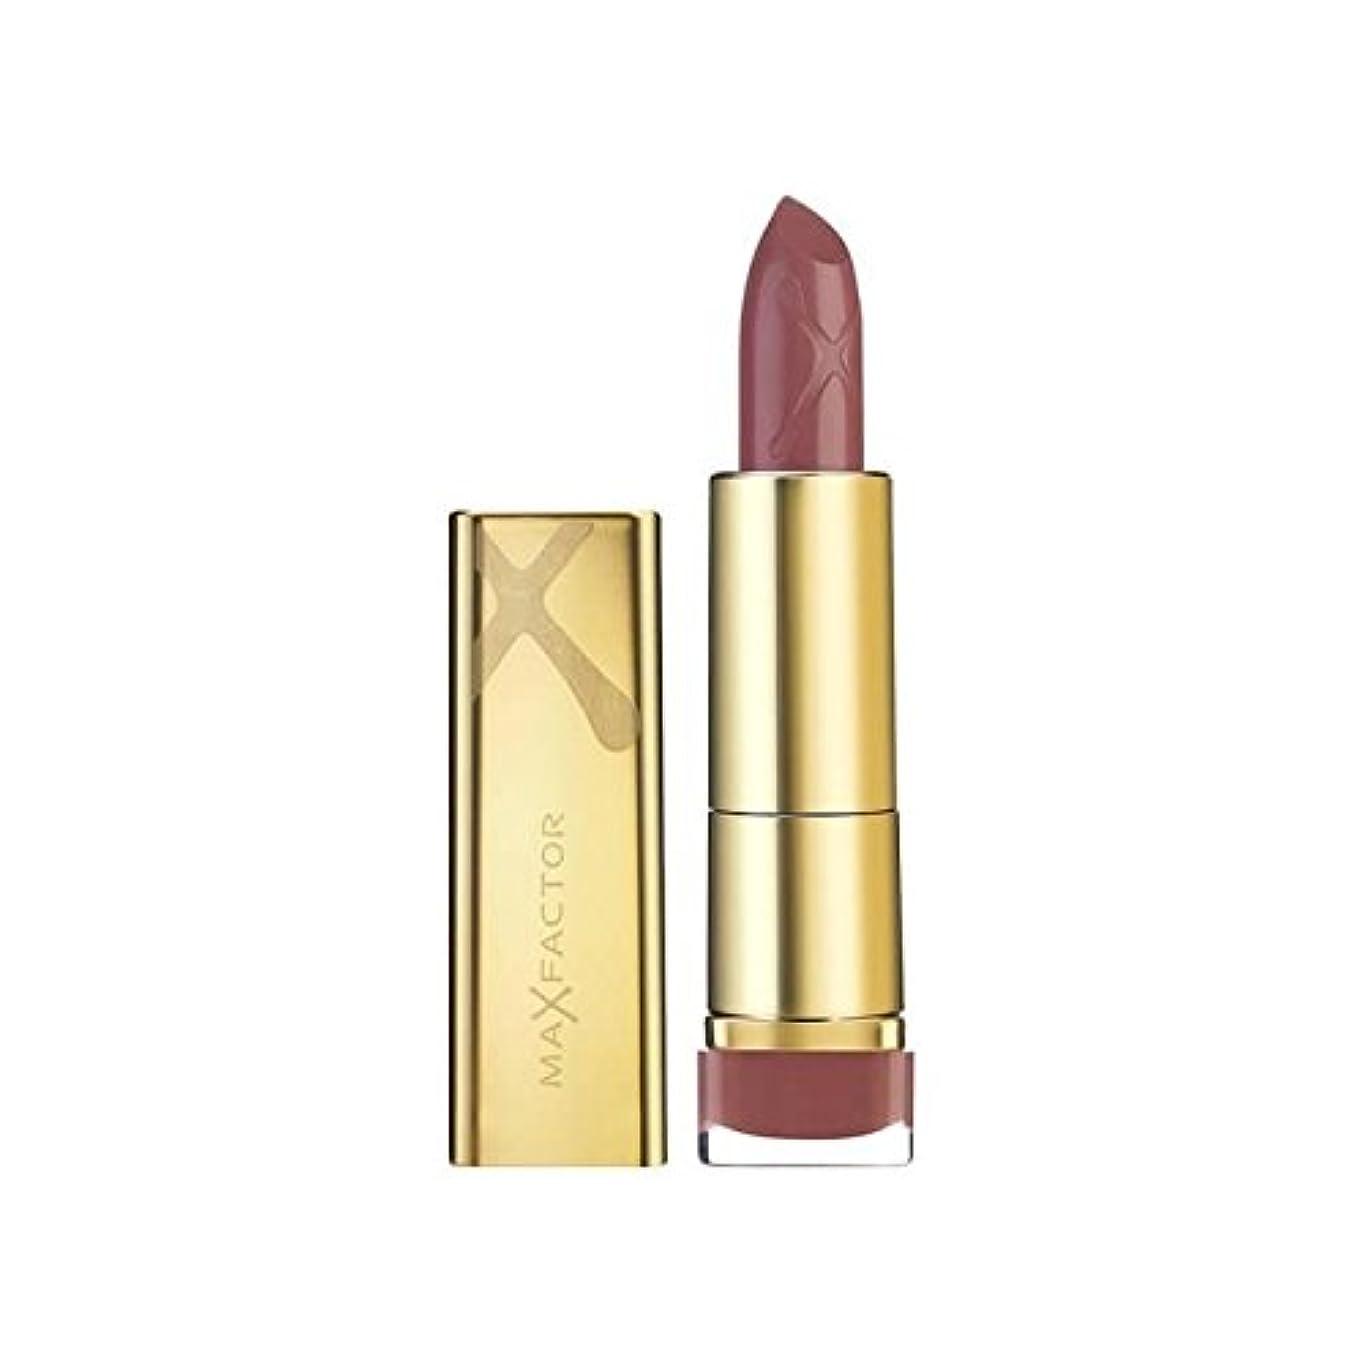 多くの危険がある状況役割カヌーマックスファクターカラーエリクシルの口紅ローズウッド833 x4 - Max Factor Colour Elixir Lipstick Rosewood 833 (Pack of 4) [並行輸入品]